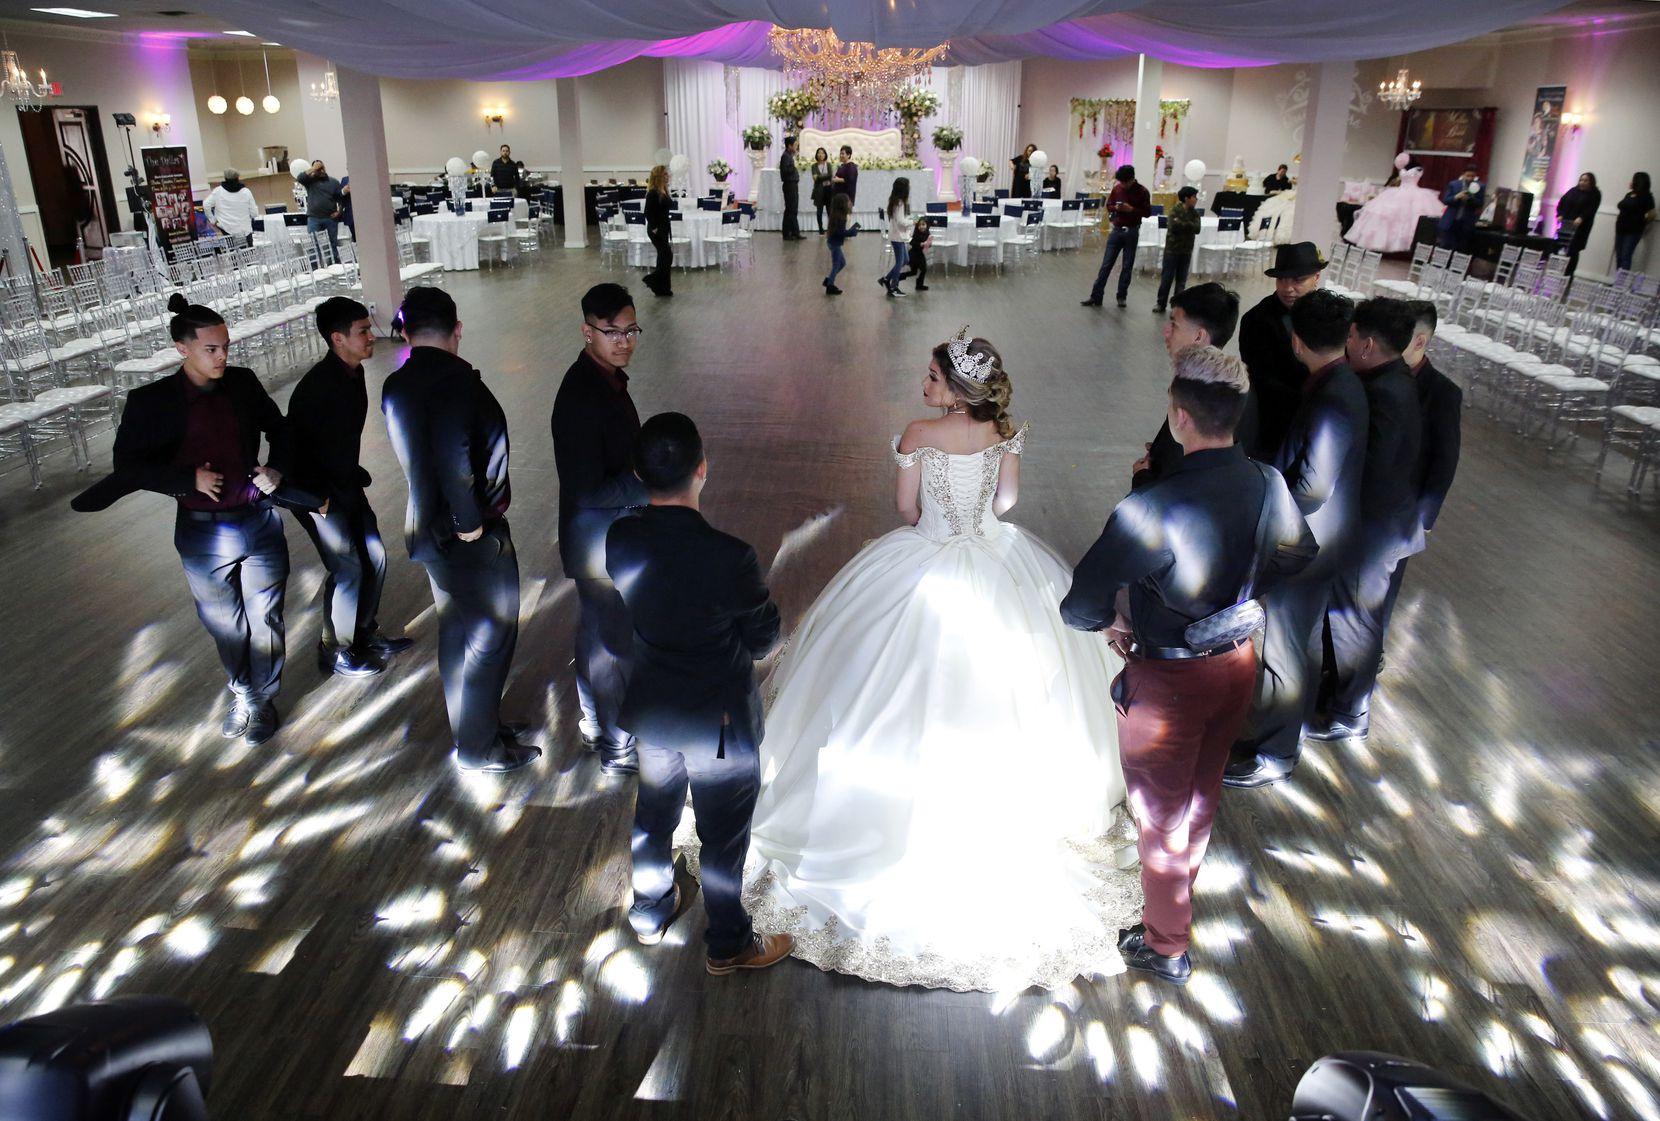 Una quinceañera y varios cadetes bailan durante Las Lomas Quinceañera & Wedding Expo del domingo 15 de marzo en Irving.